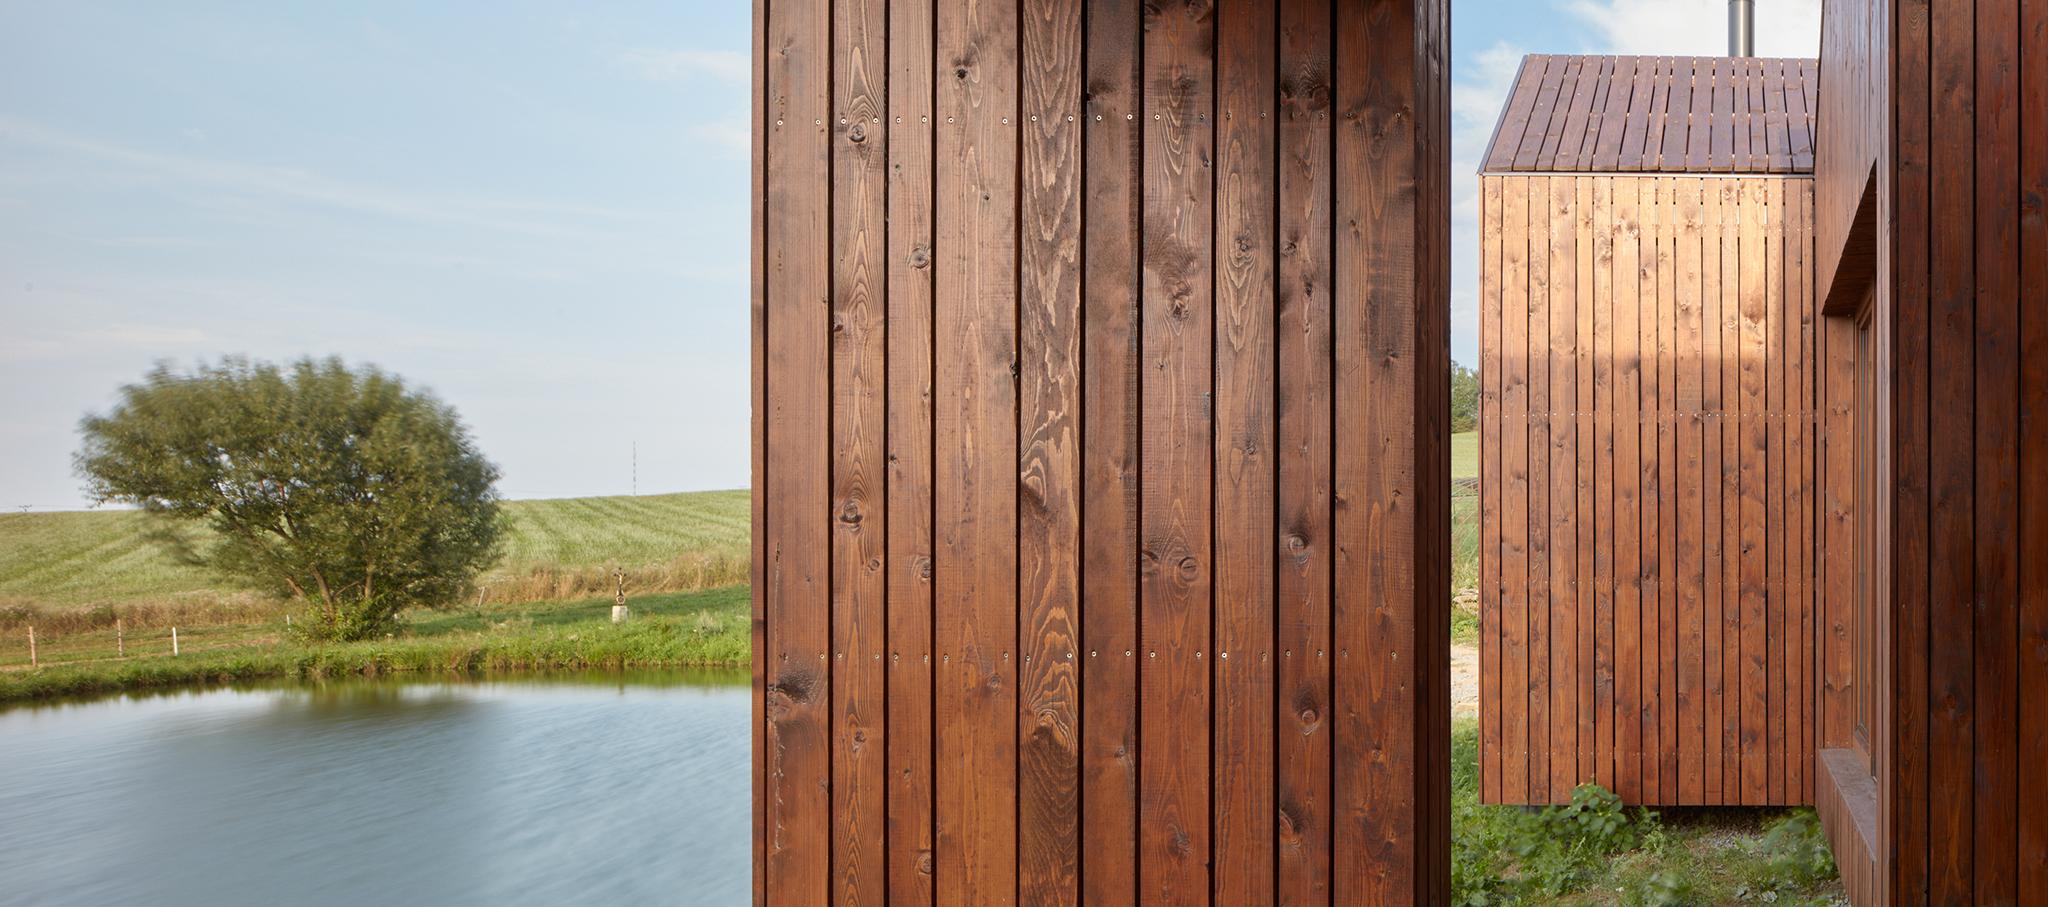 Vivienda mínima en la orilla de un pequeño estanque por Jiří Weinzettl. Fotografía por Jakub Skokan, Martin Tůma / BoysPlayNice